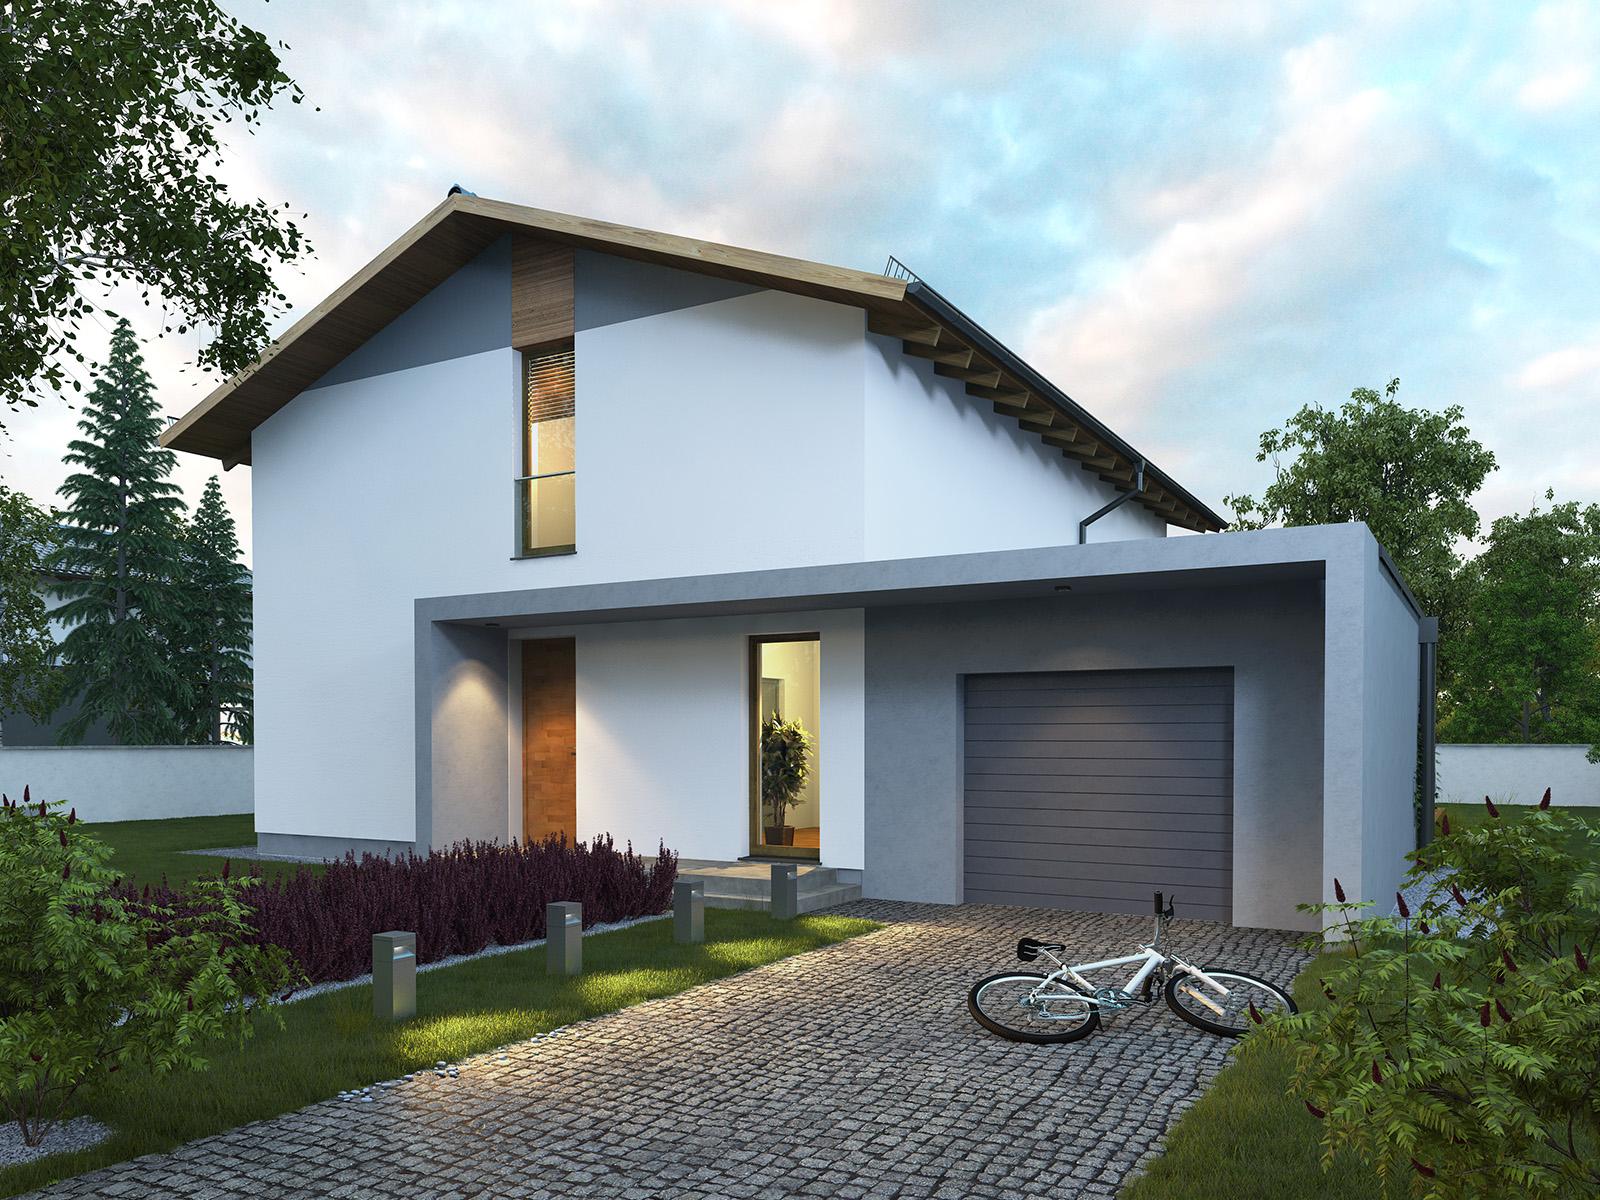 Projekt domu PROSTY Domy Czystej Energii widok od frontu